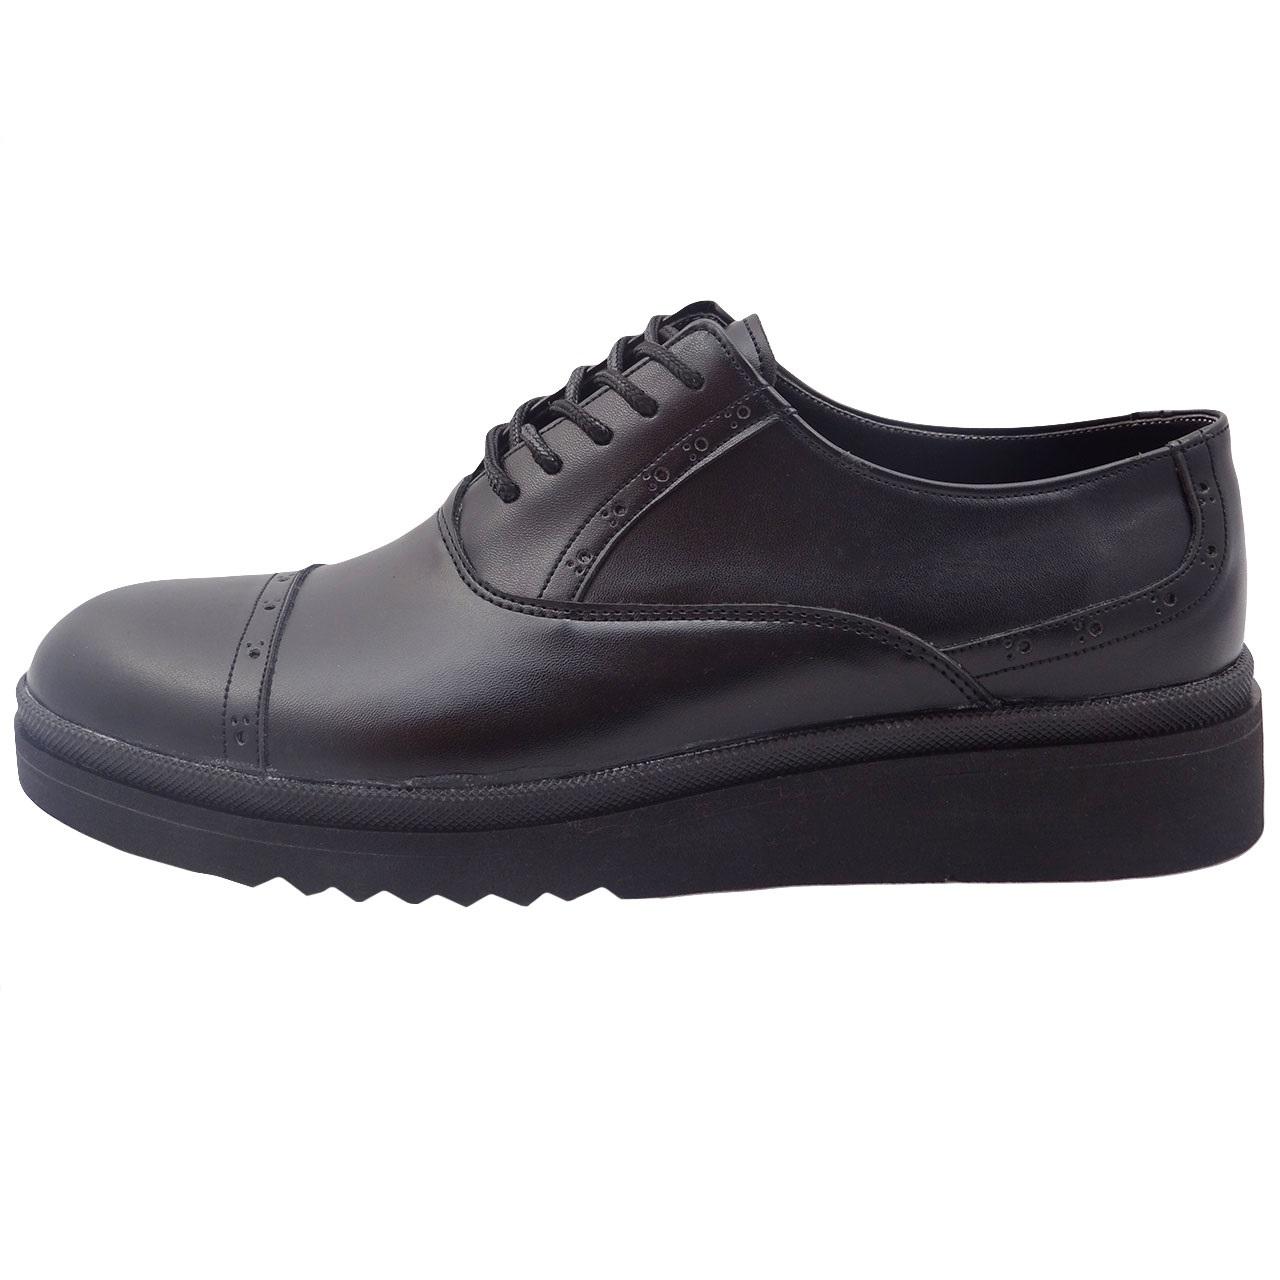 قیمت کفش چرمی مردانه مدل A10